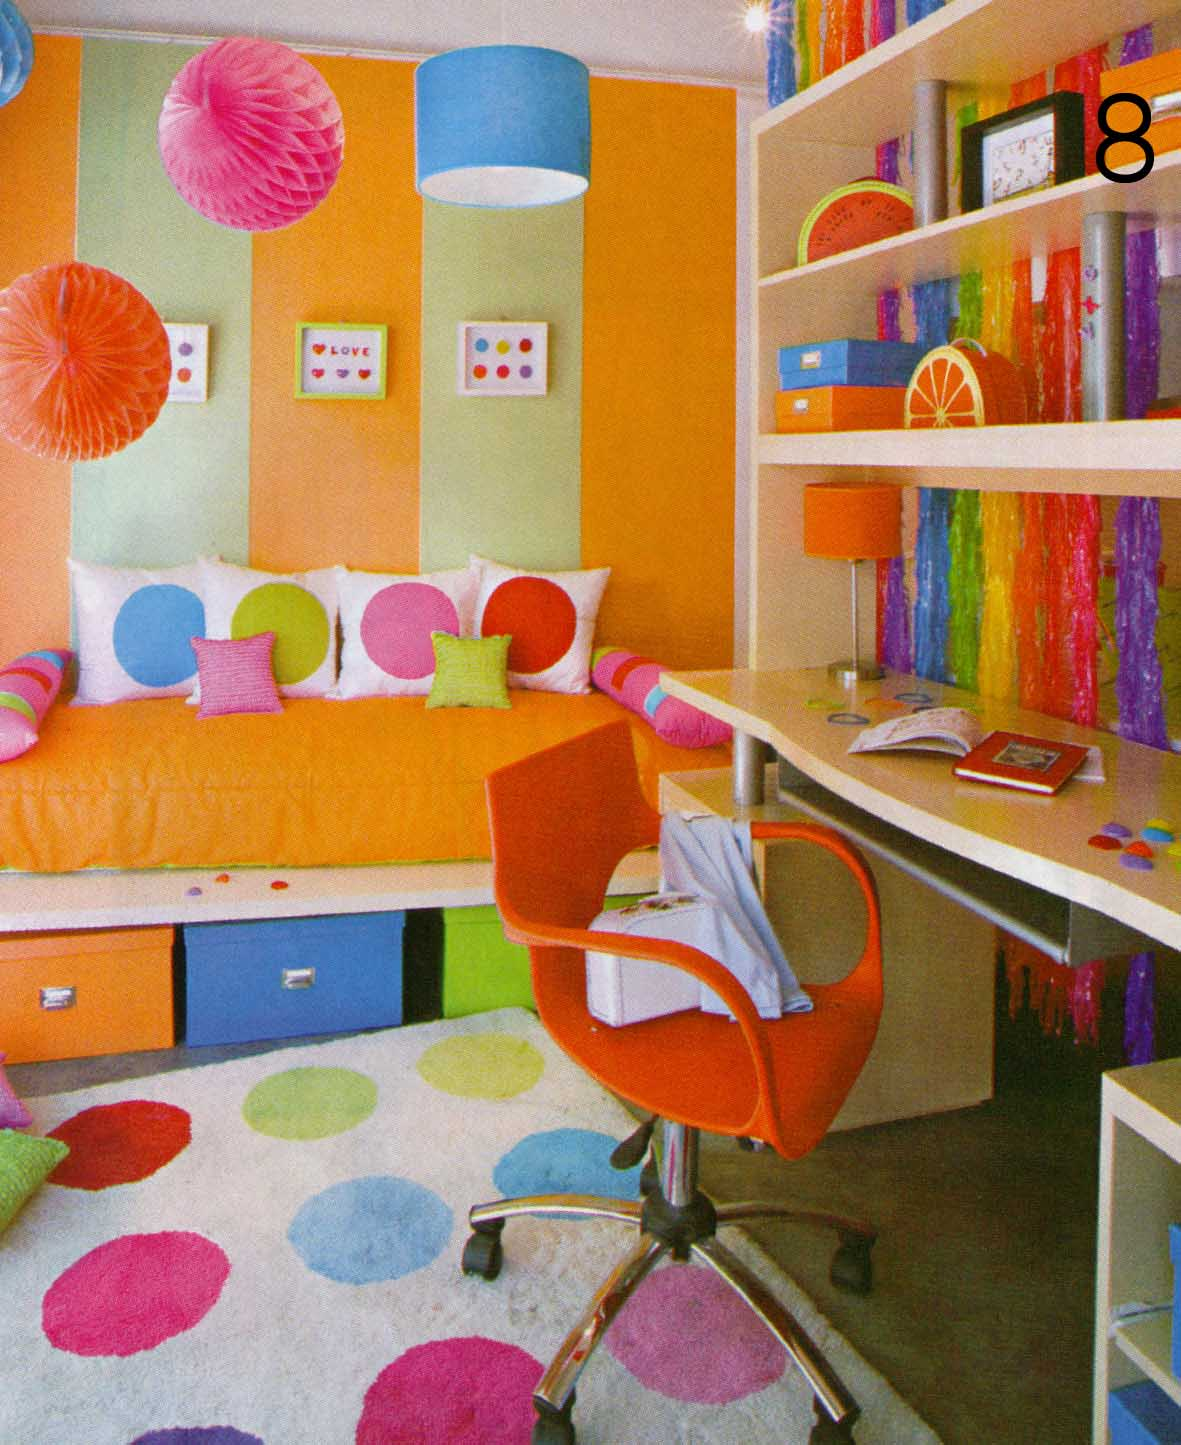 Dormitorios infantiles algunas ideas para decorarlos - Ideas para dormitorios infantiles ...